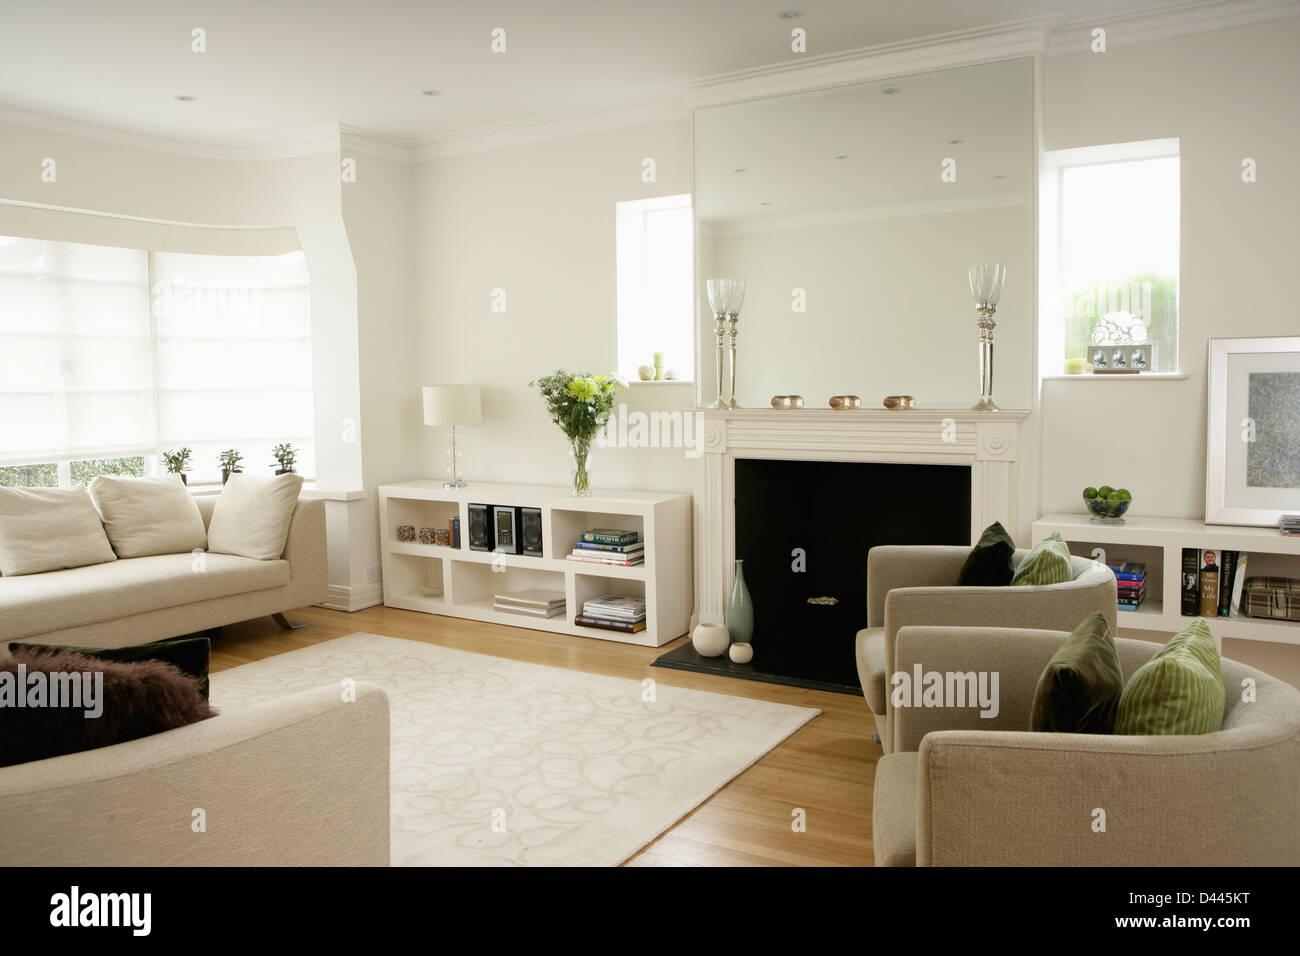 Basso bianco scaffale accanto al caminetto in bianco moderno ...